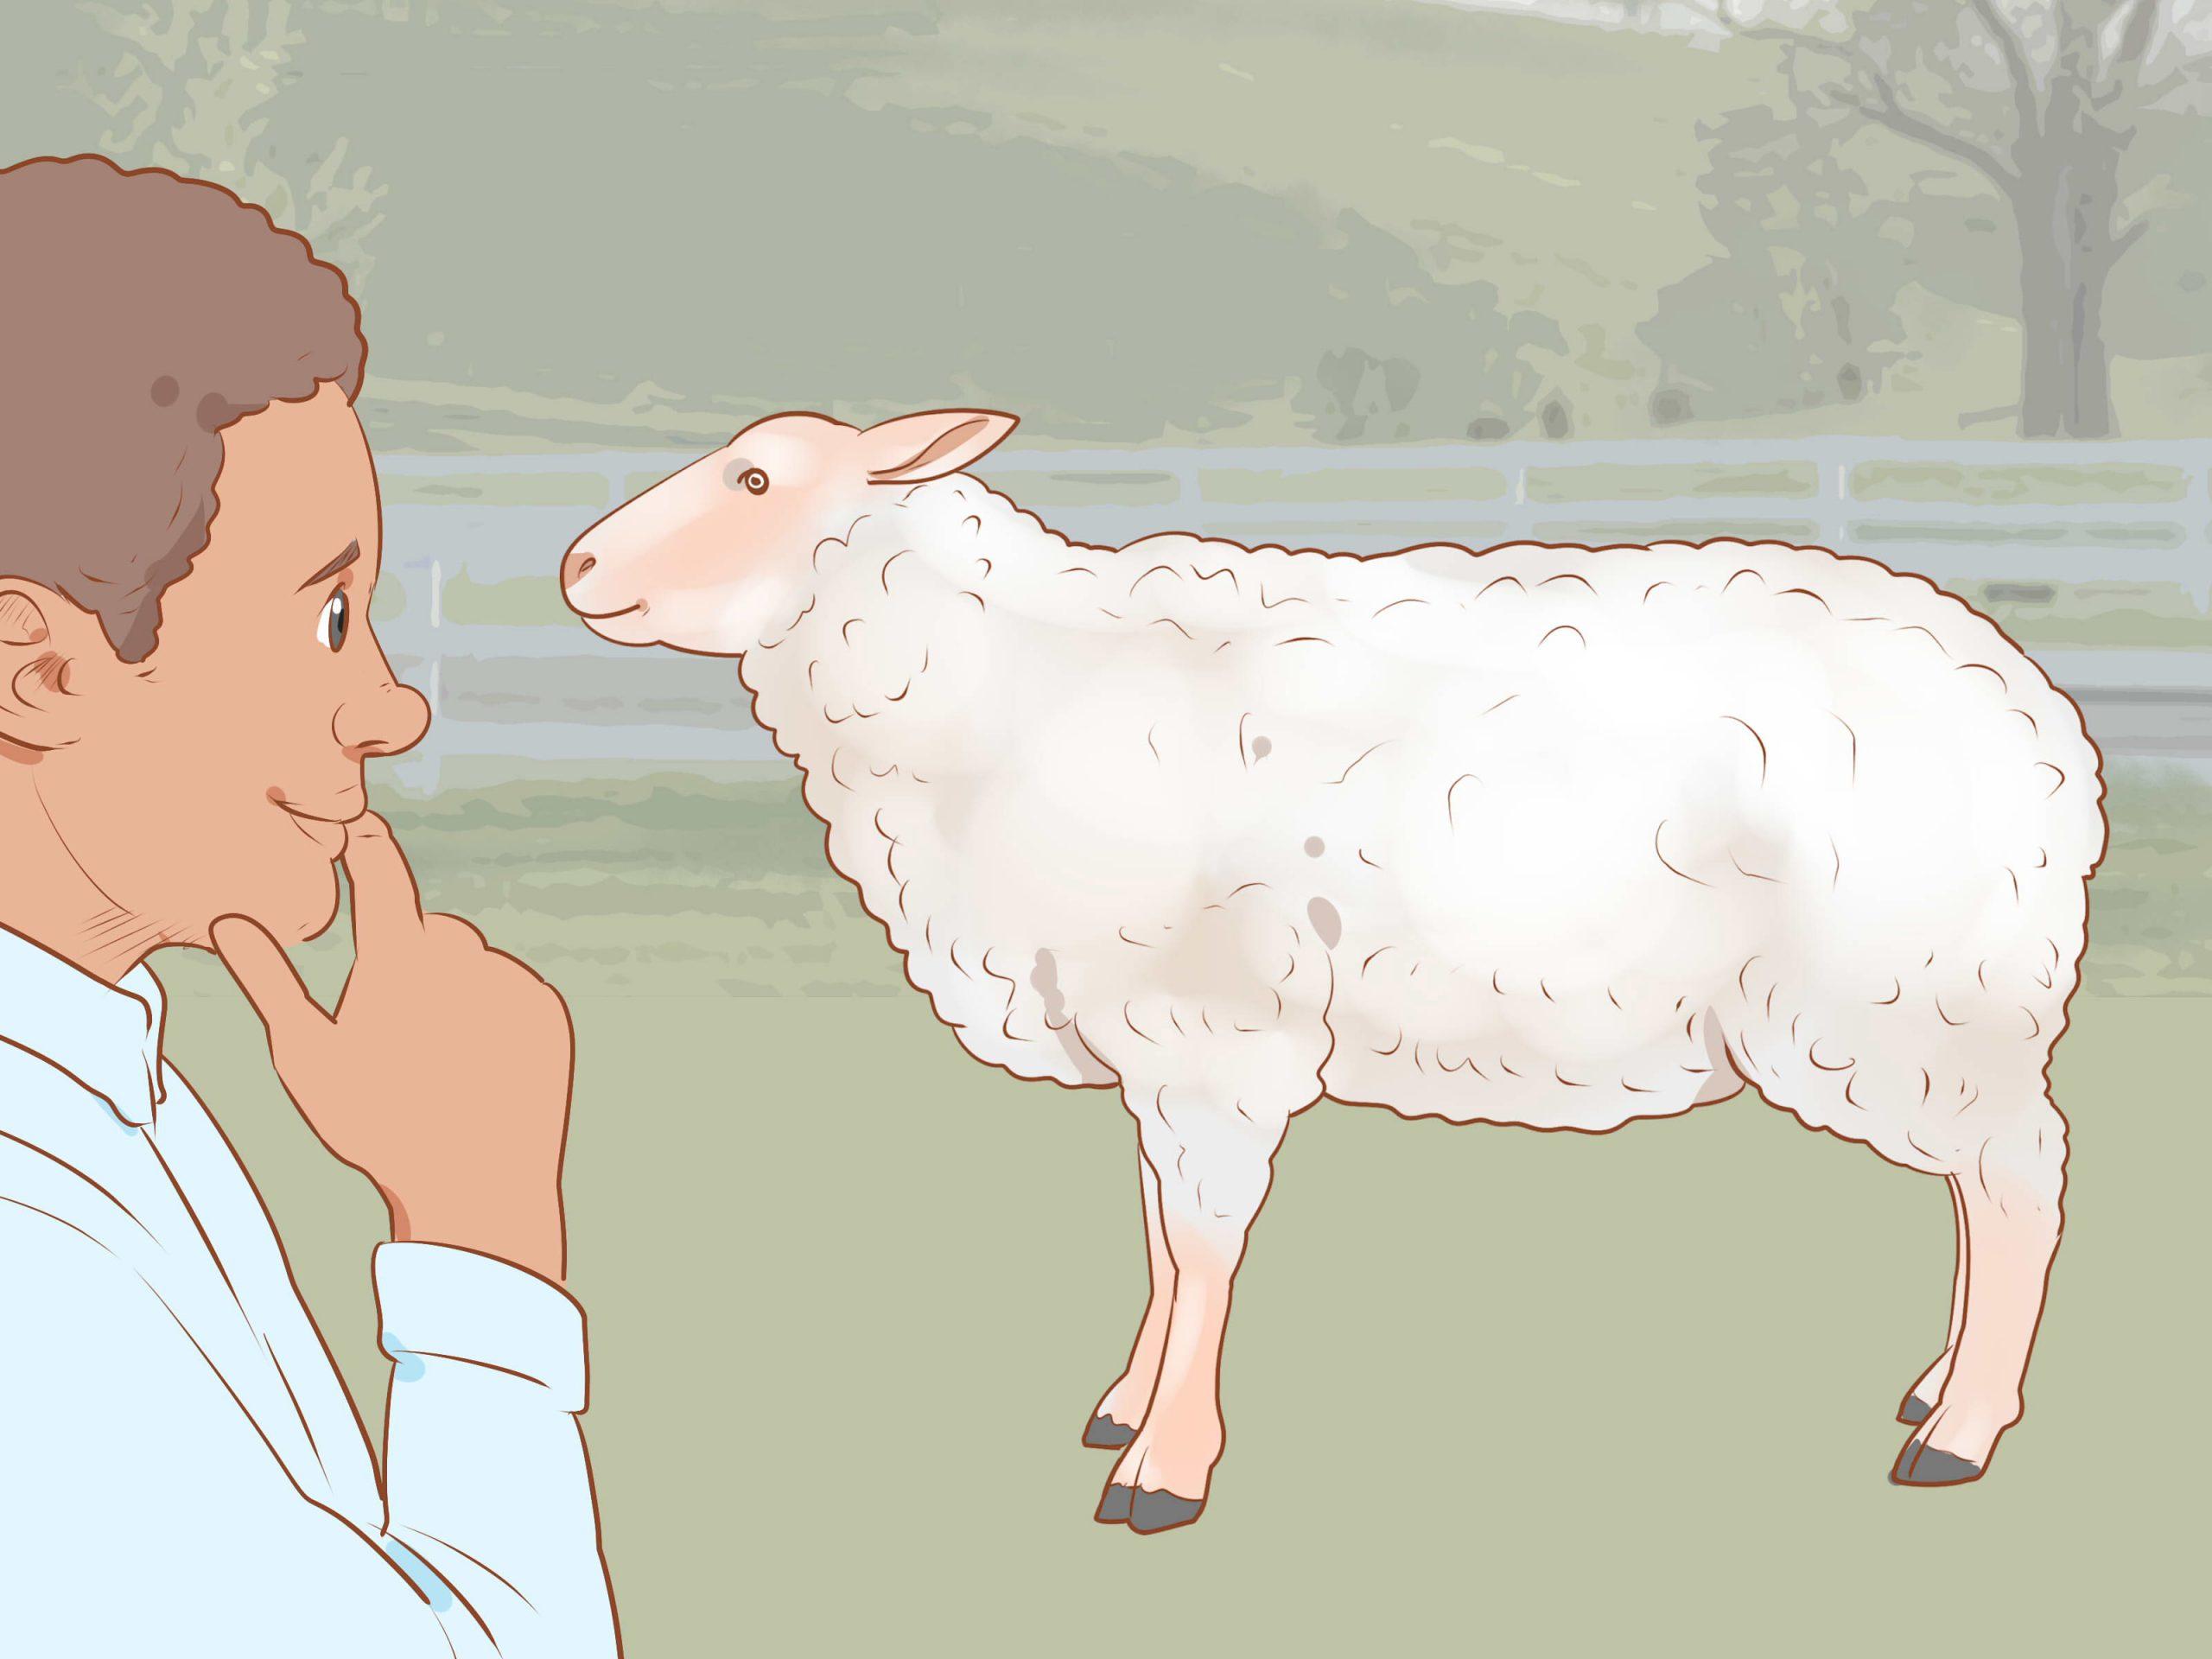 Comment Tondre Un Mouton (Avec Images) - Wikihow intérieur Différence Entre Brebis Et Mouton